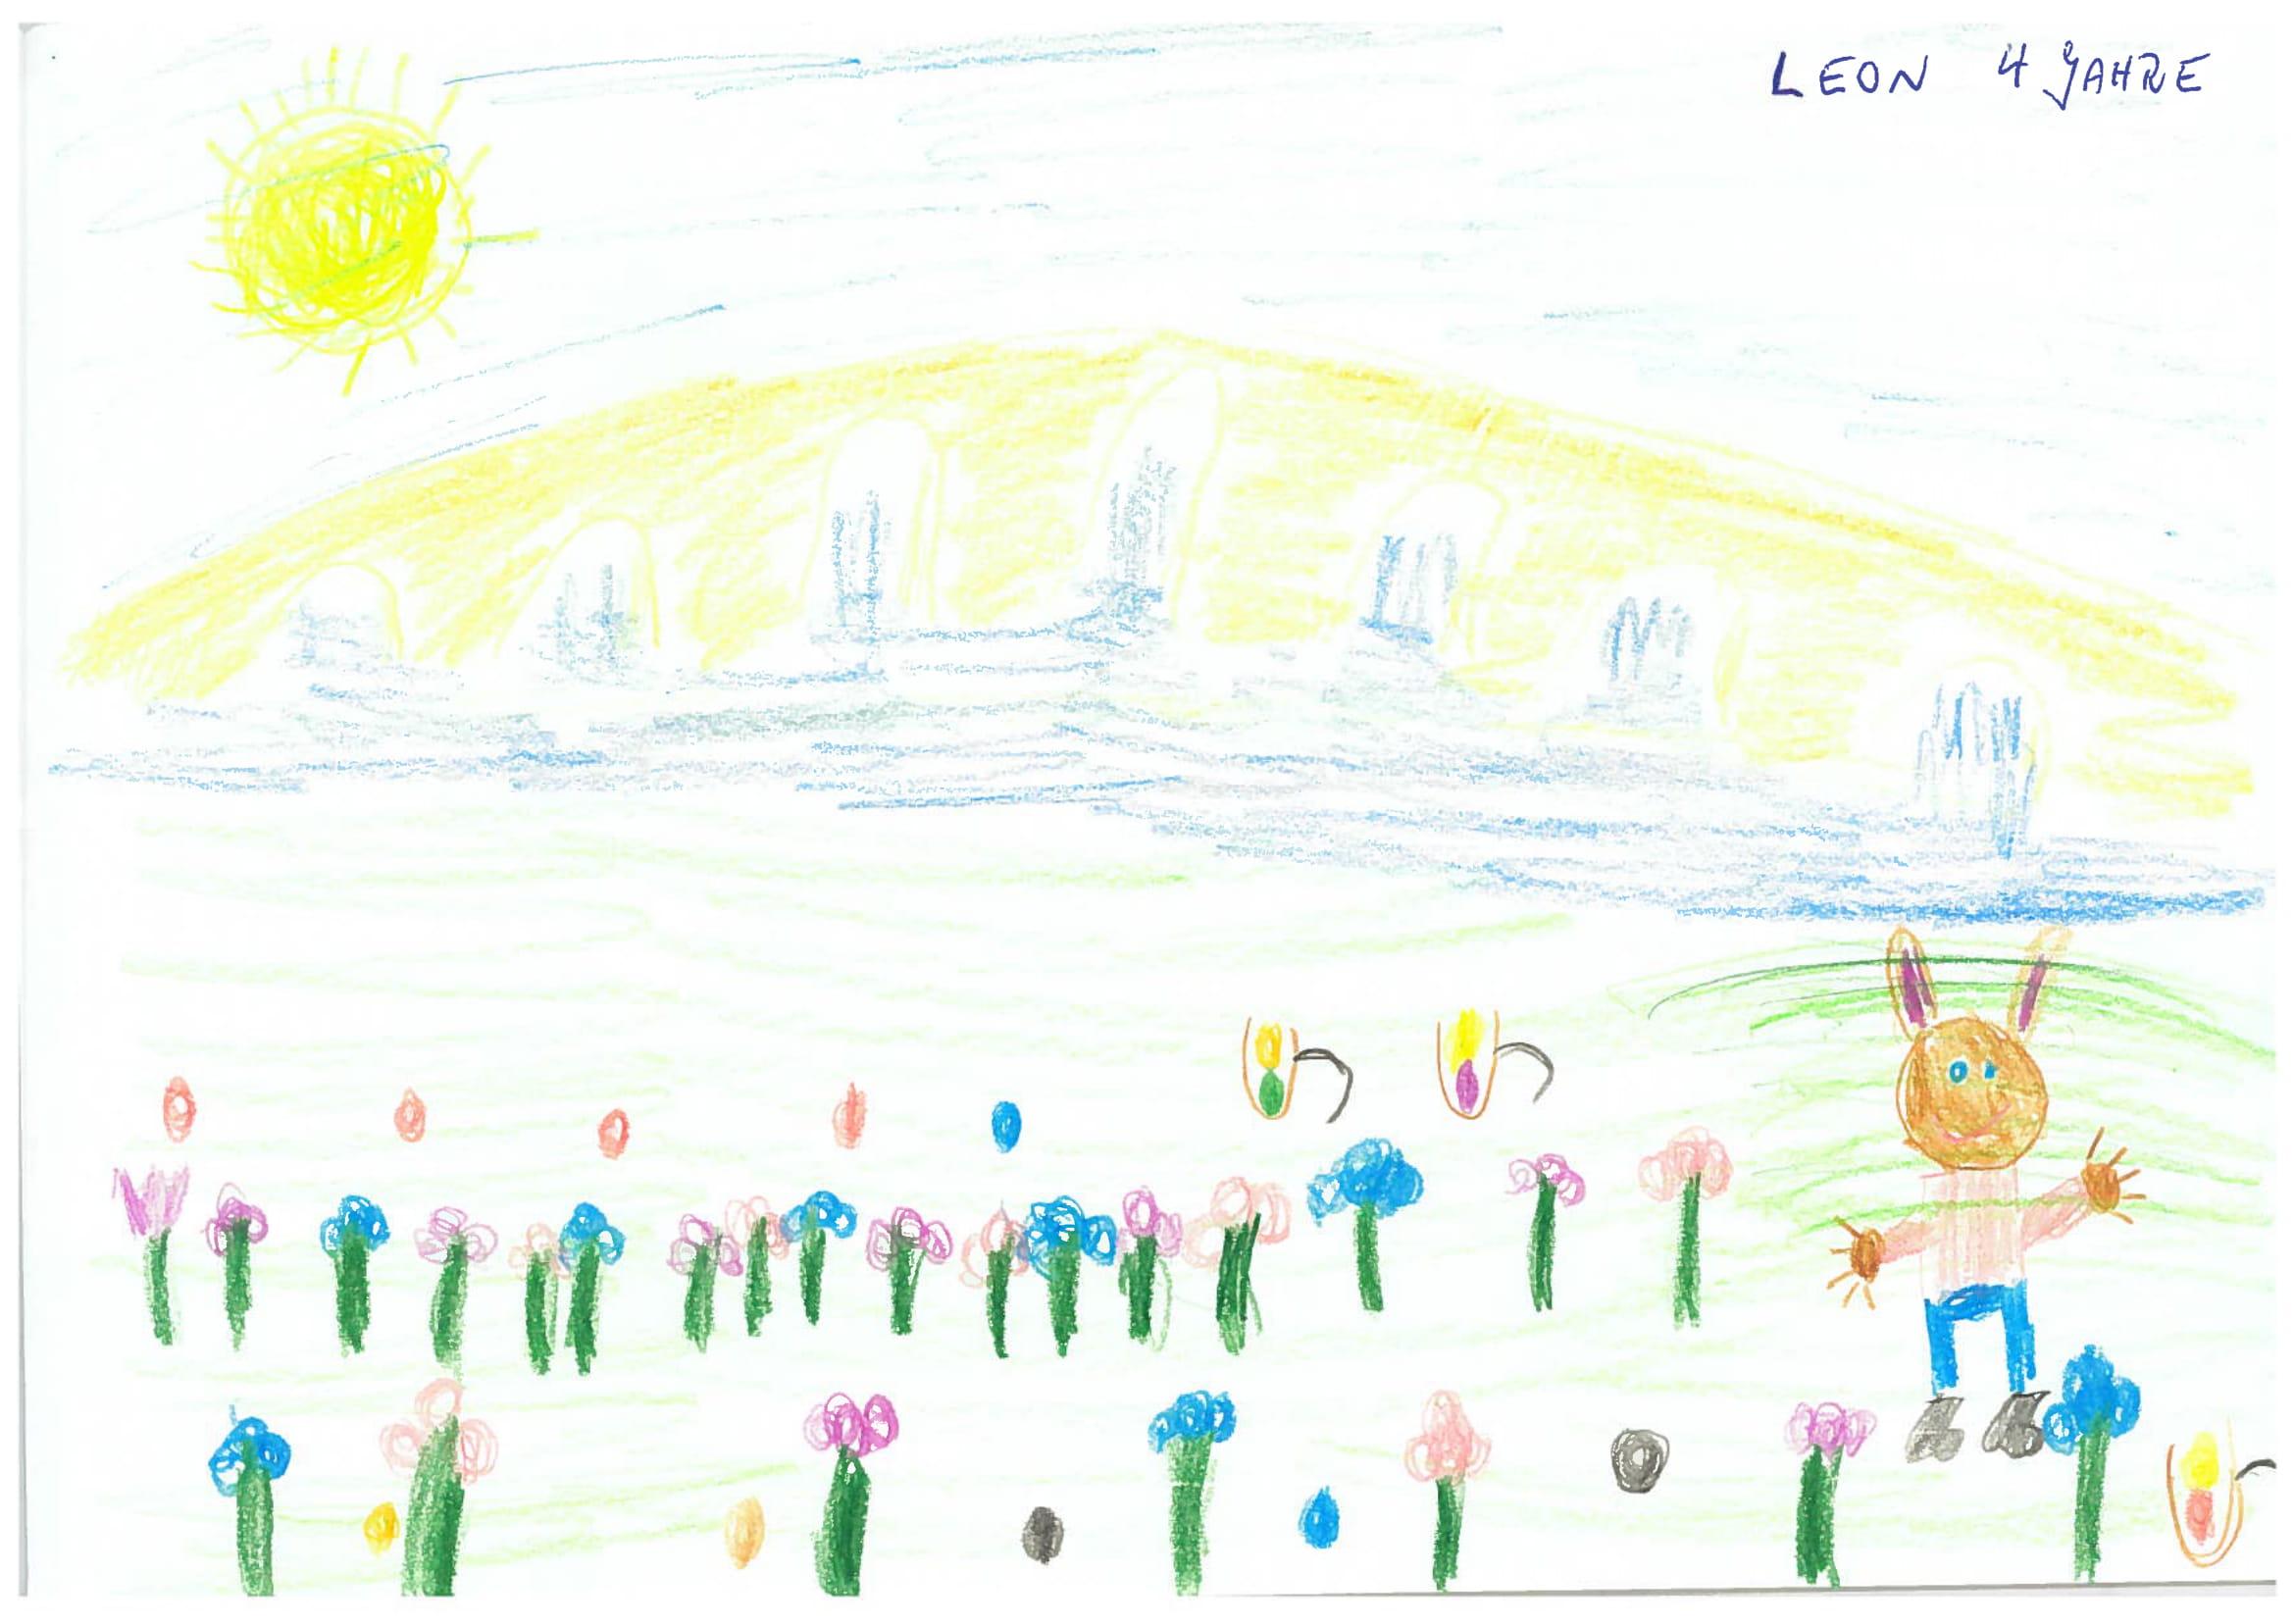 Leon_4-1